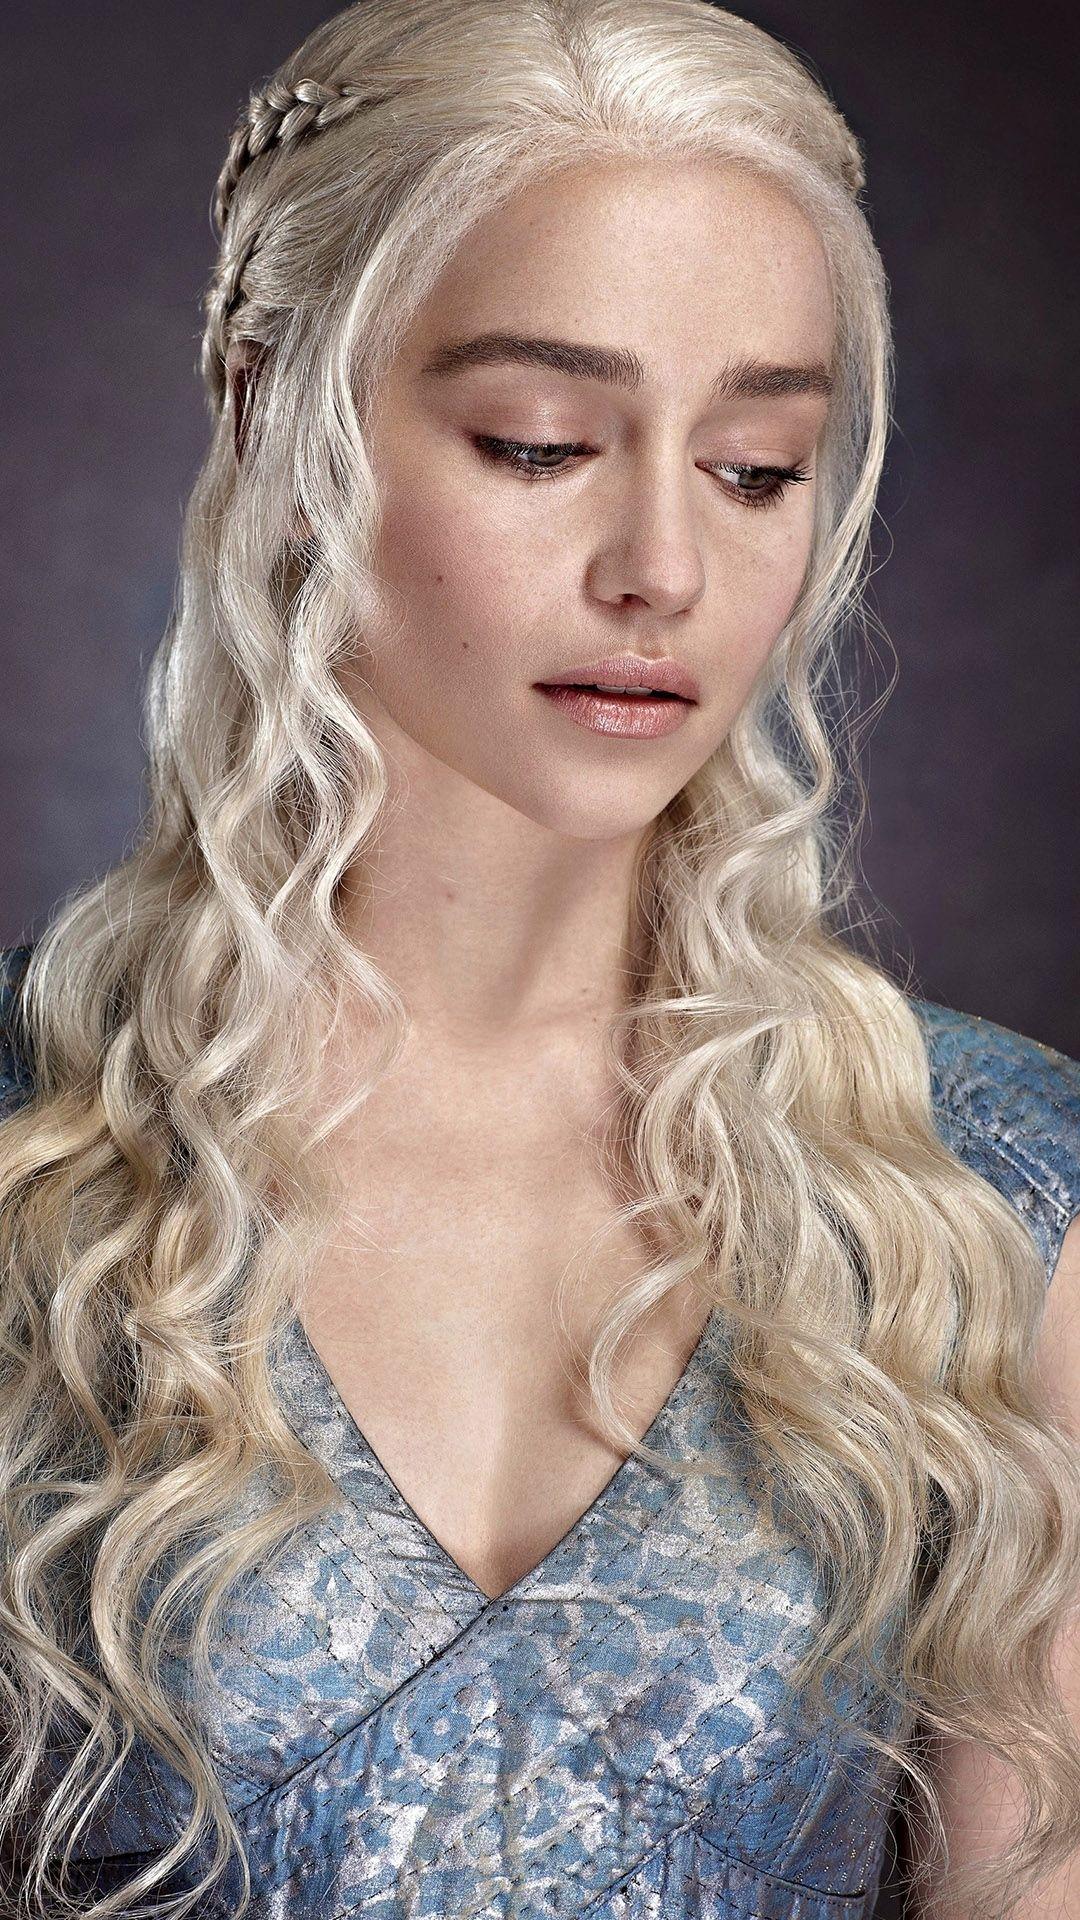 Daenerys Targaryen Wallpaper For Android Is 4k Wallpaper Yodobi Daenerys Targaryen Wallpaper Targaryen Hair Daenerys Targaryen